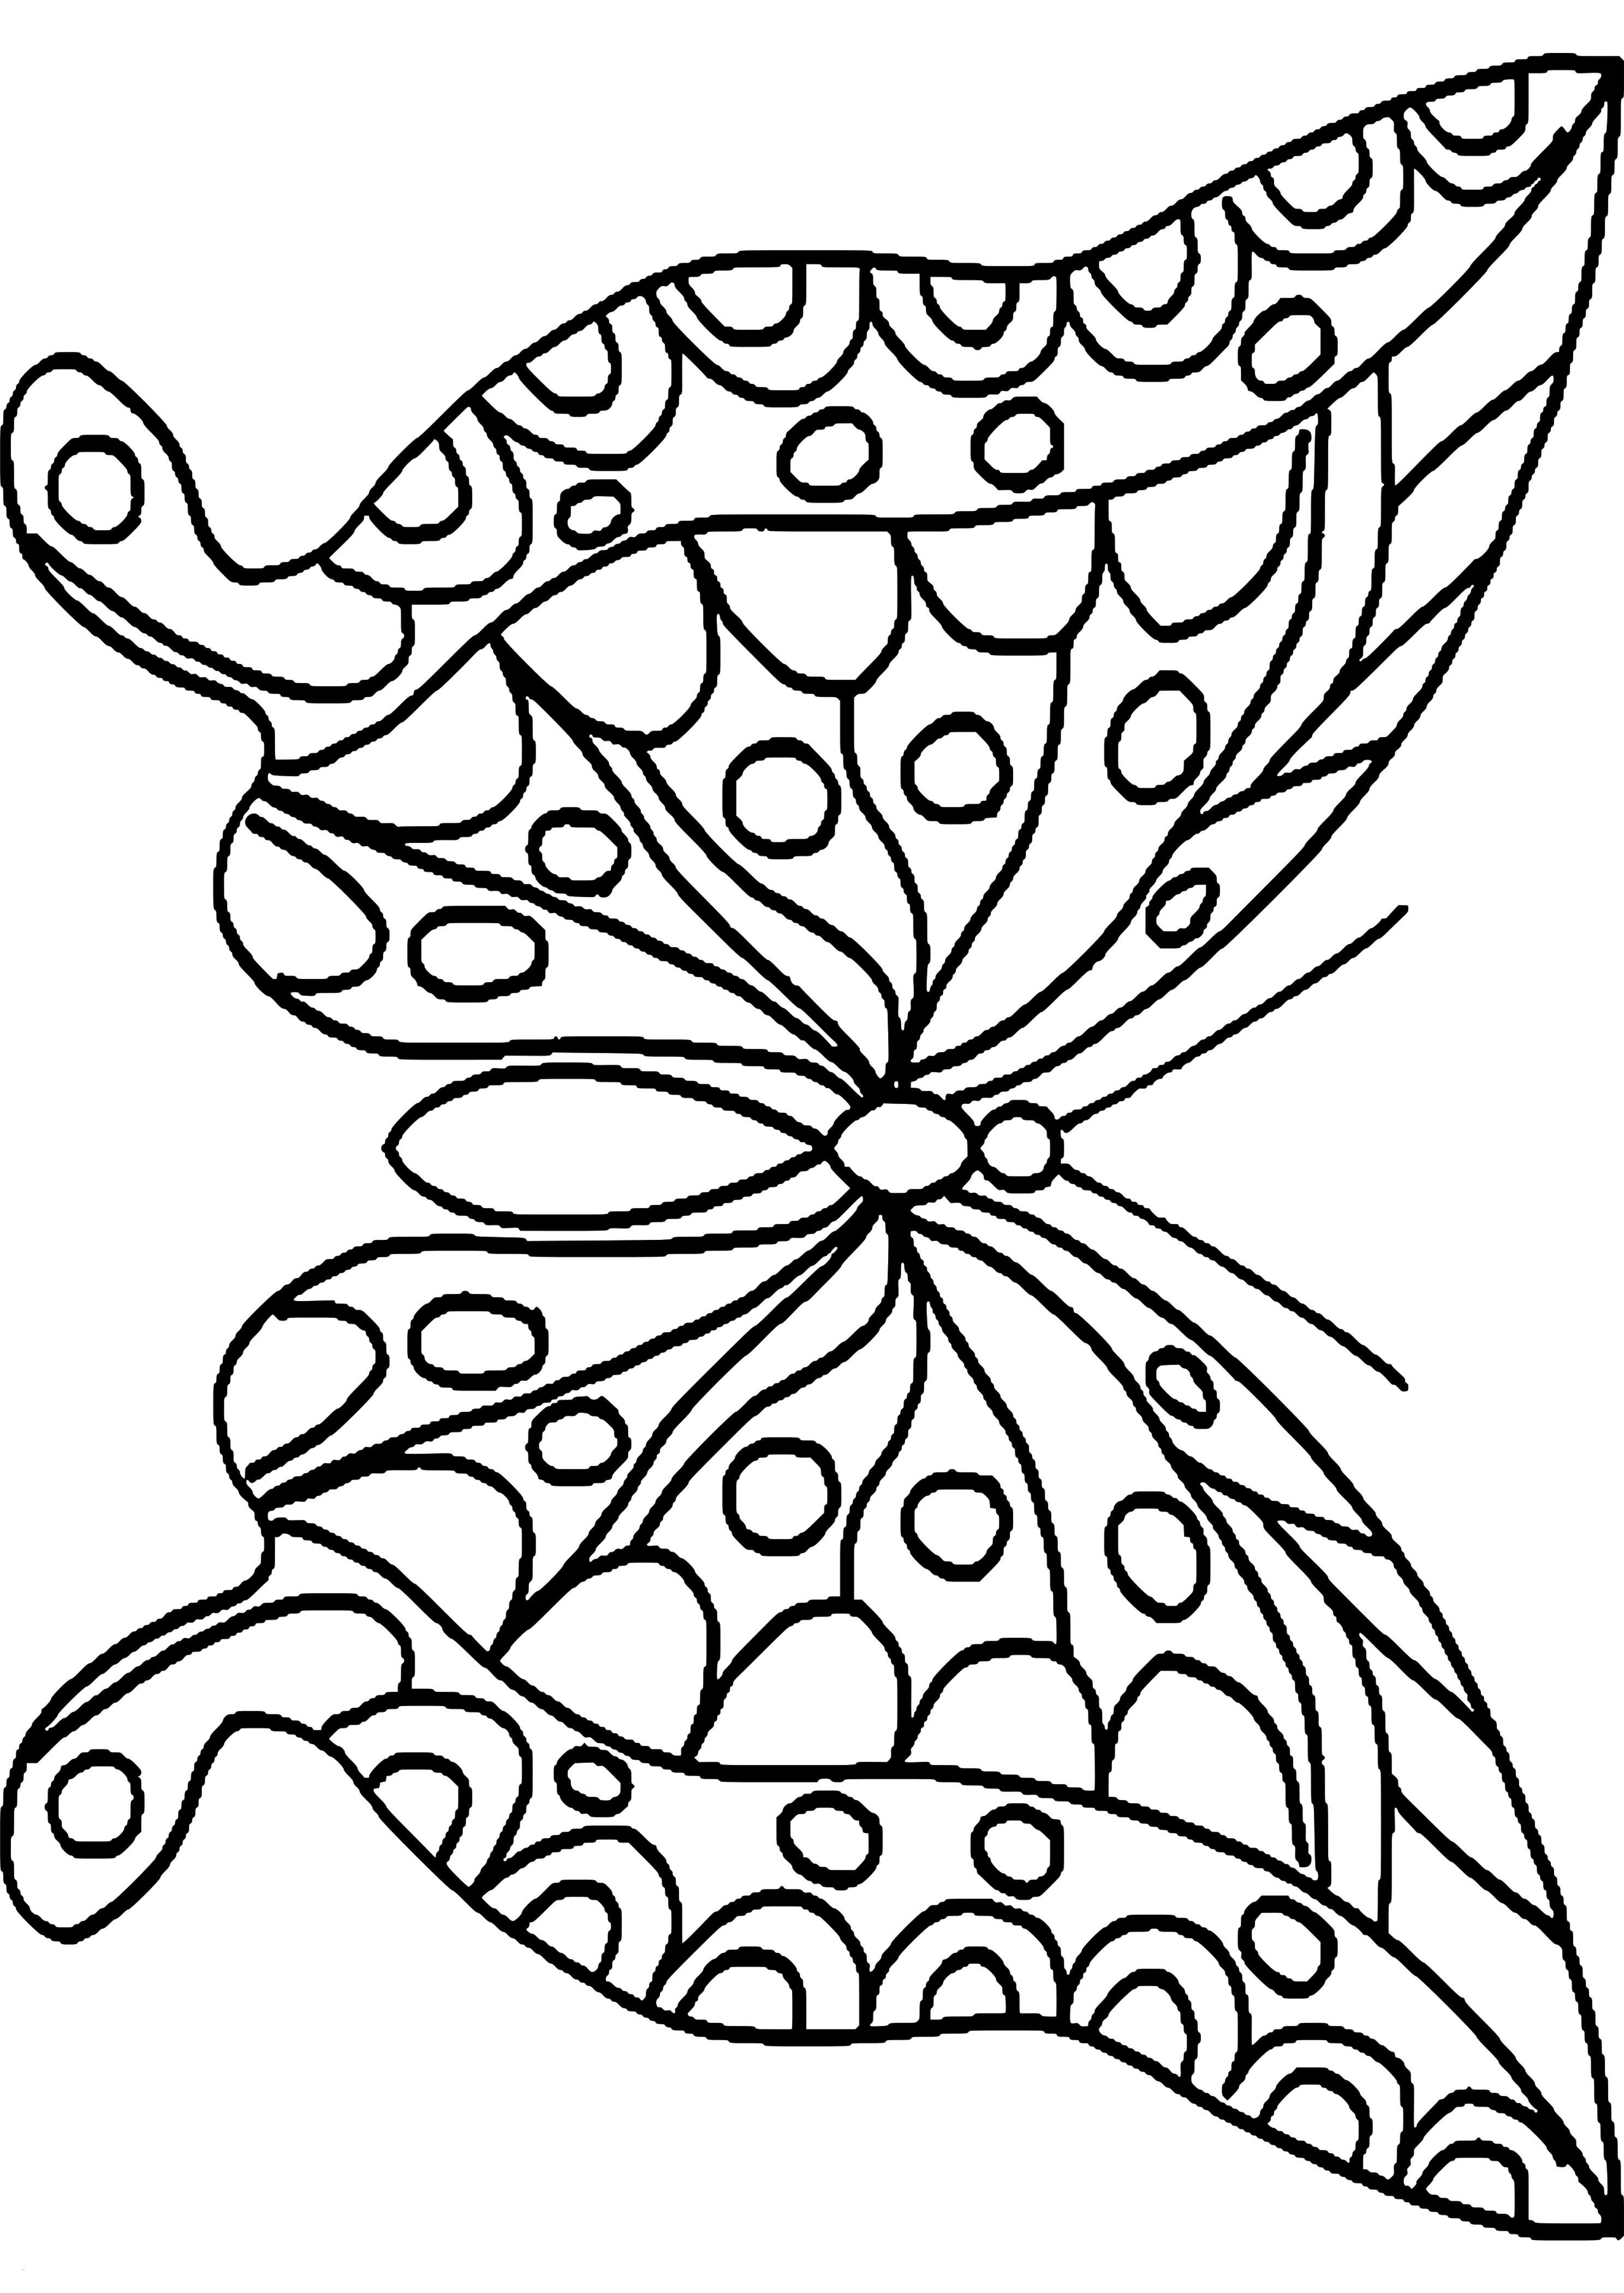 Ausmalbilder Schmetterling Mit Blume Einzigartig Malvorlagen Blumen Und Schmetterlinge Fesselnd 35 Ausmalbilder Bilder